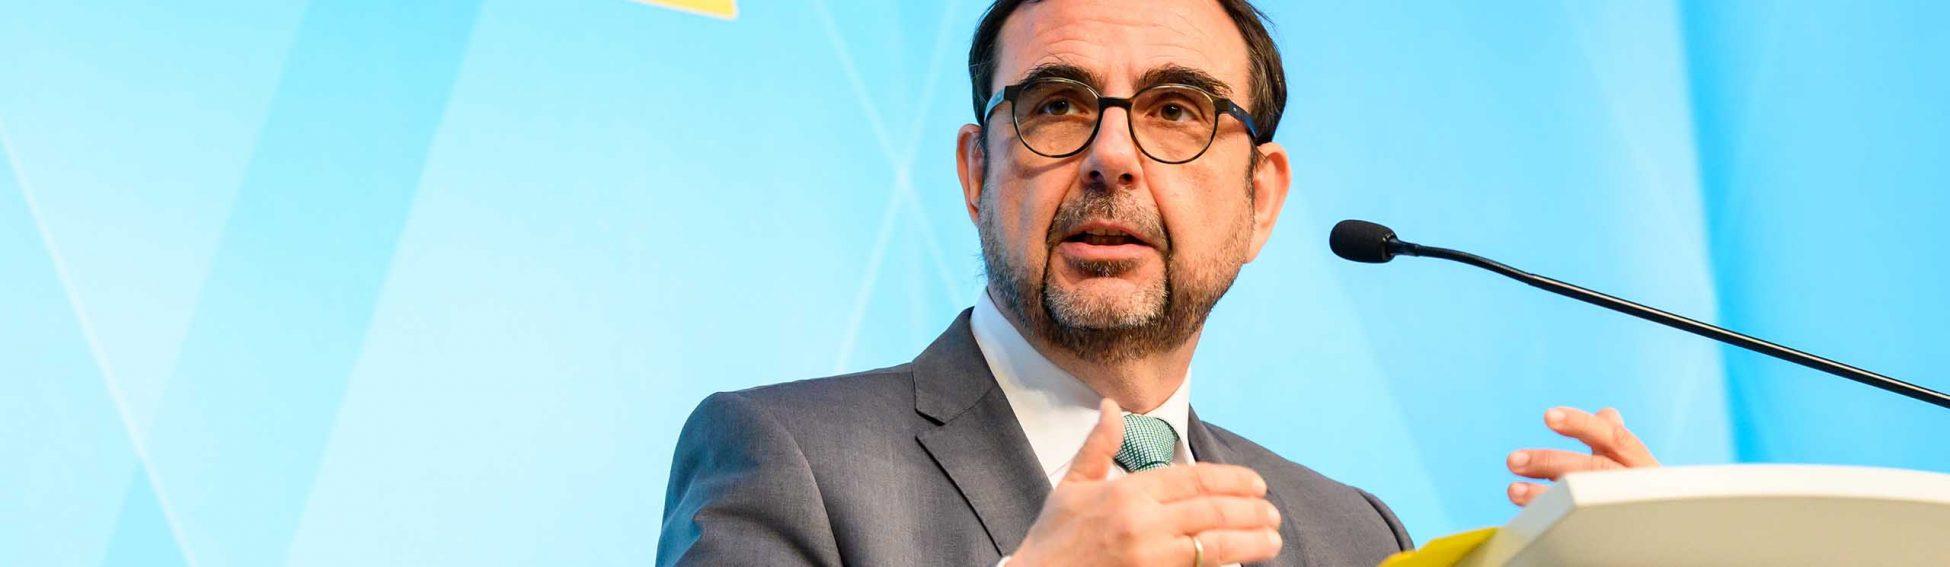 PK zur Sitzung des Ministerrates mit dem Leiter der Bayerischen Staatskanzlei Florian Herrmann und Gesundheitsminister Klaus Holetschek. Aufgenommen am 20. April 2021 in der Bayerischen Staatskanzlei in München.